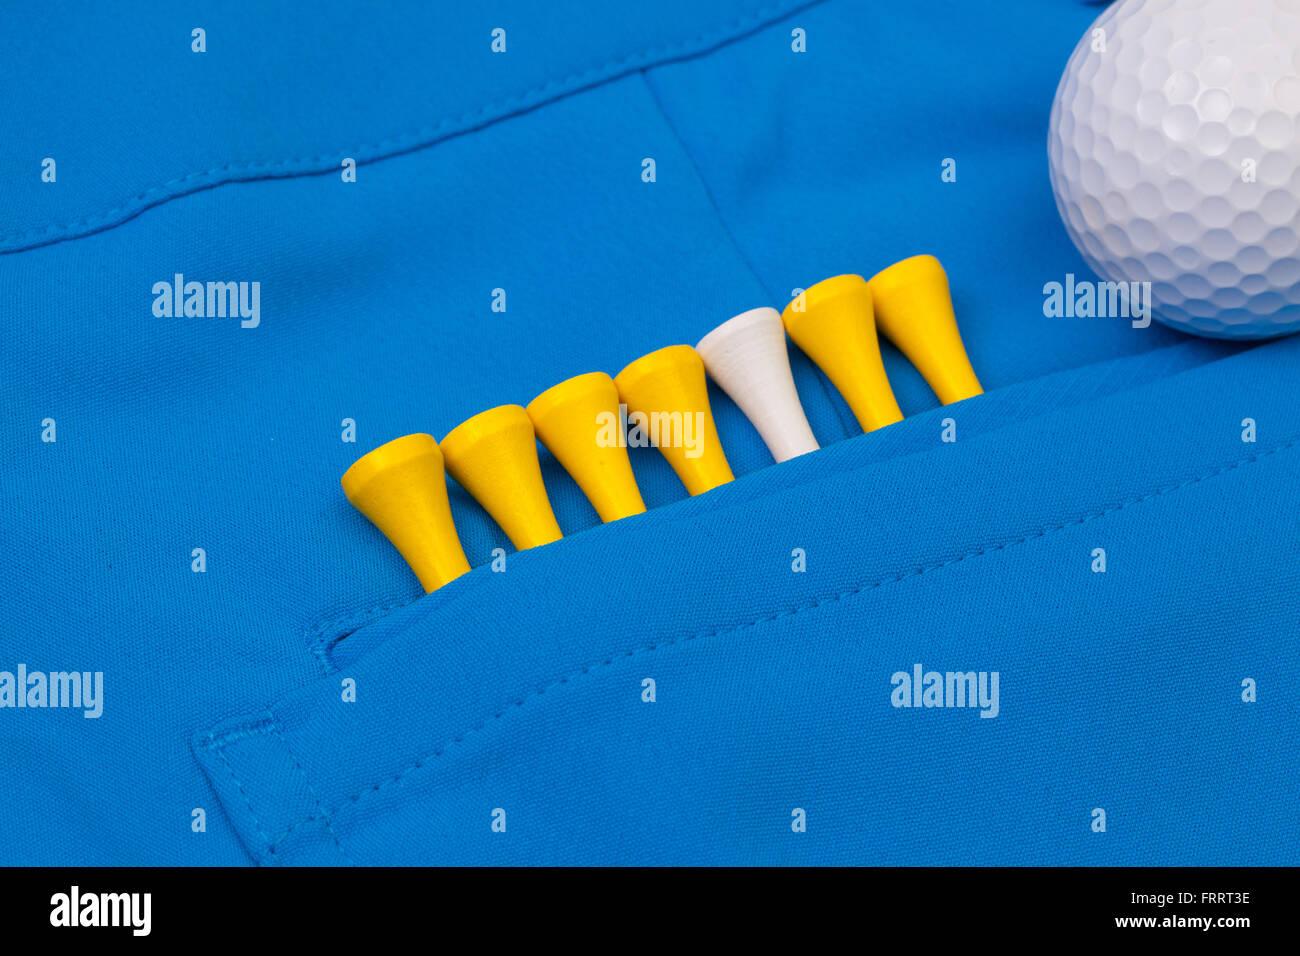 Detalle de pantalones azules y equipos de golf Imagen De Stock